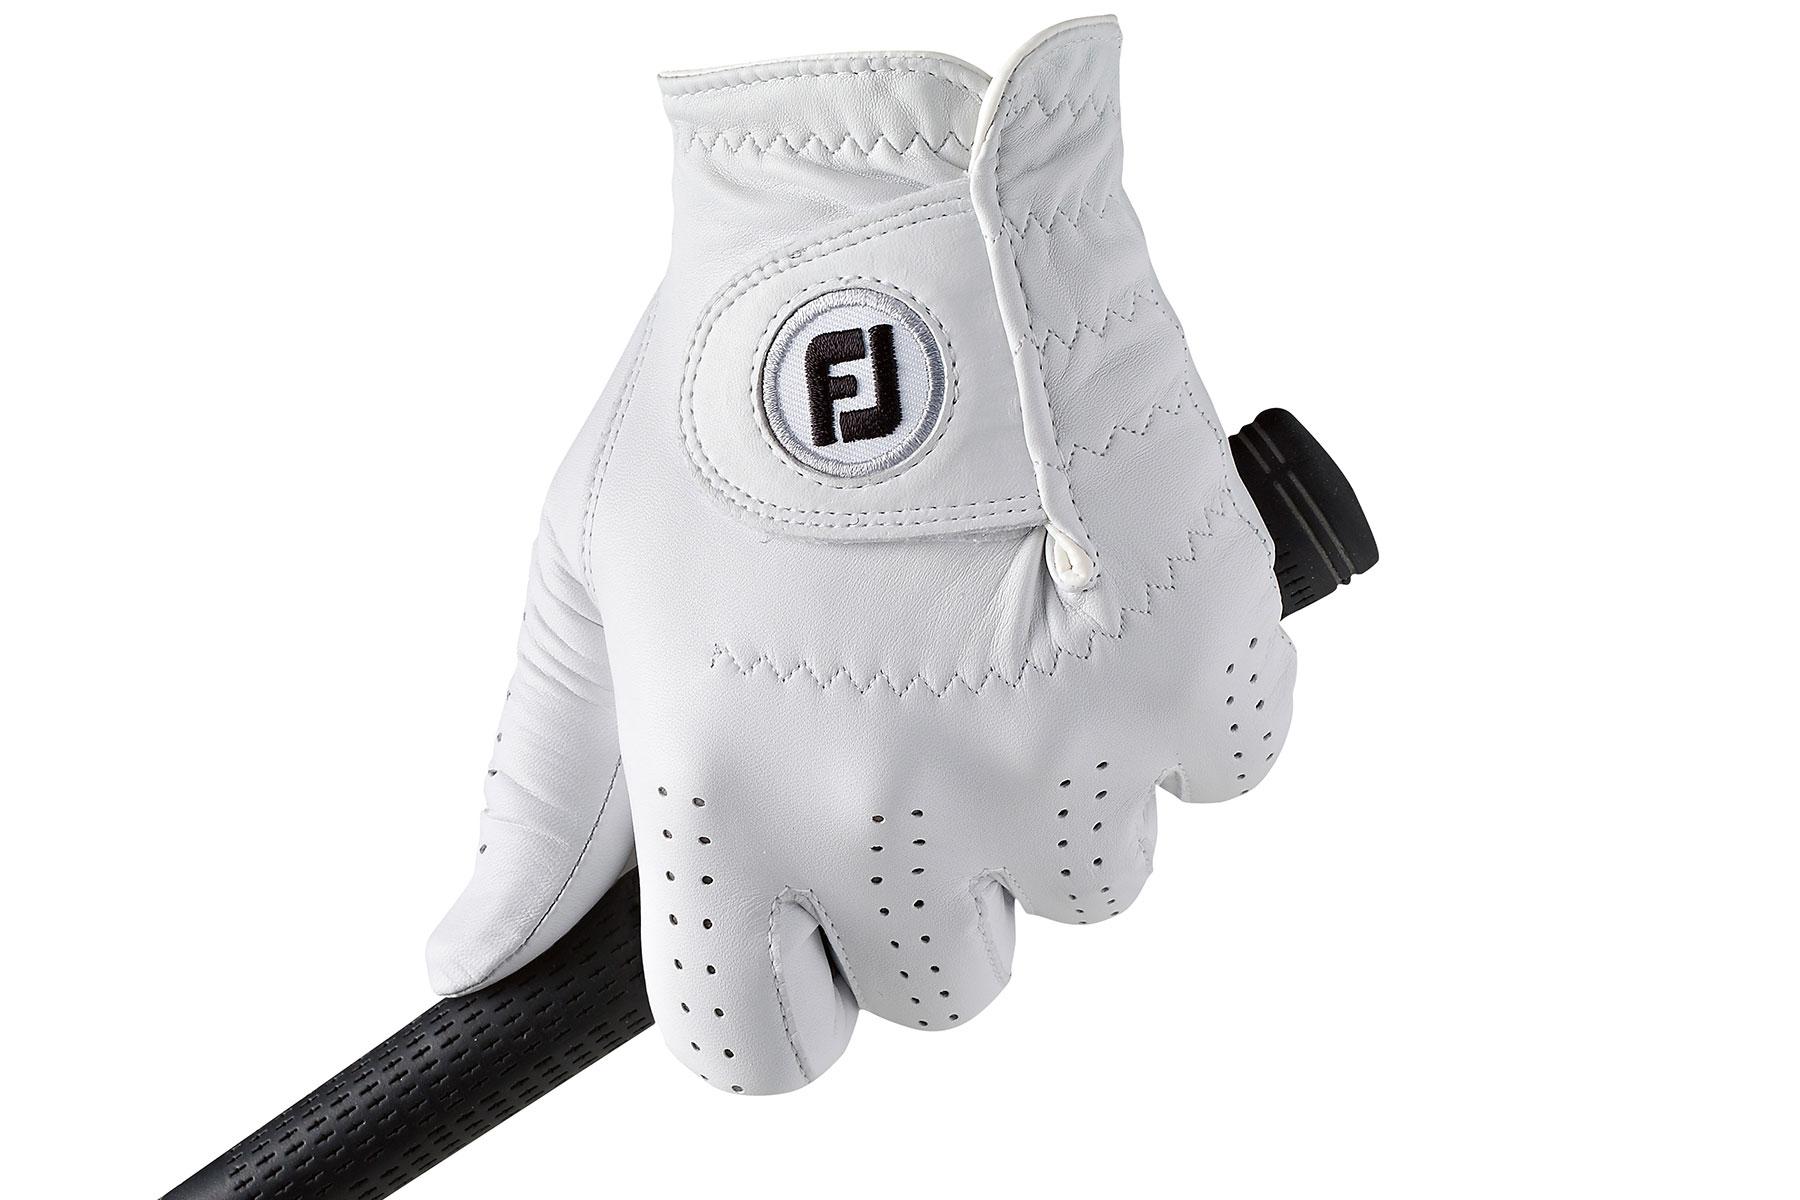 FootJoy Cabretta kožená golfová rukavice pánská Velikost: Levá XL